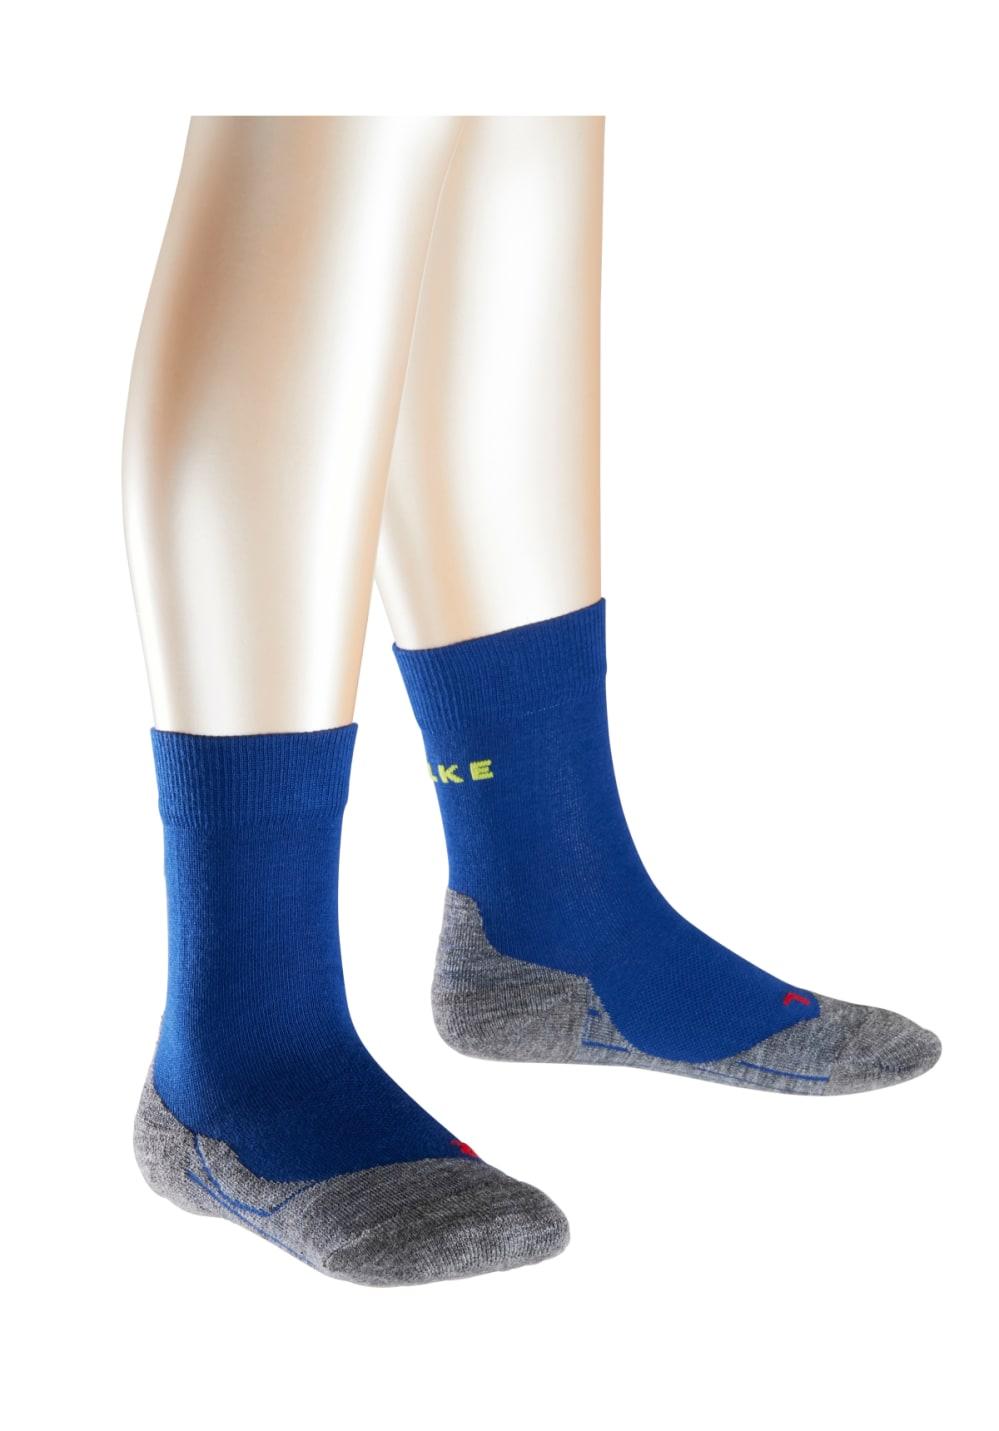 Falke RU 4 Kids - Laufsocken für Kinder Unisex - Blau